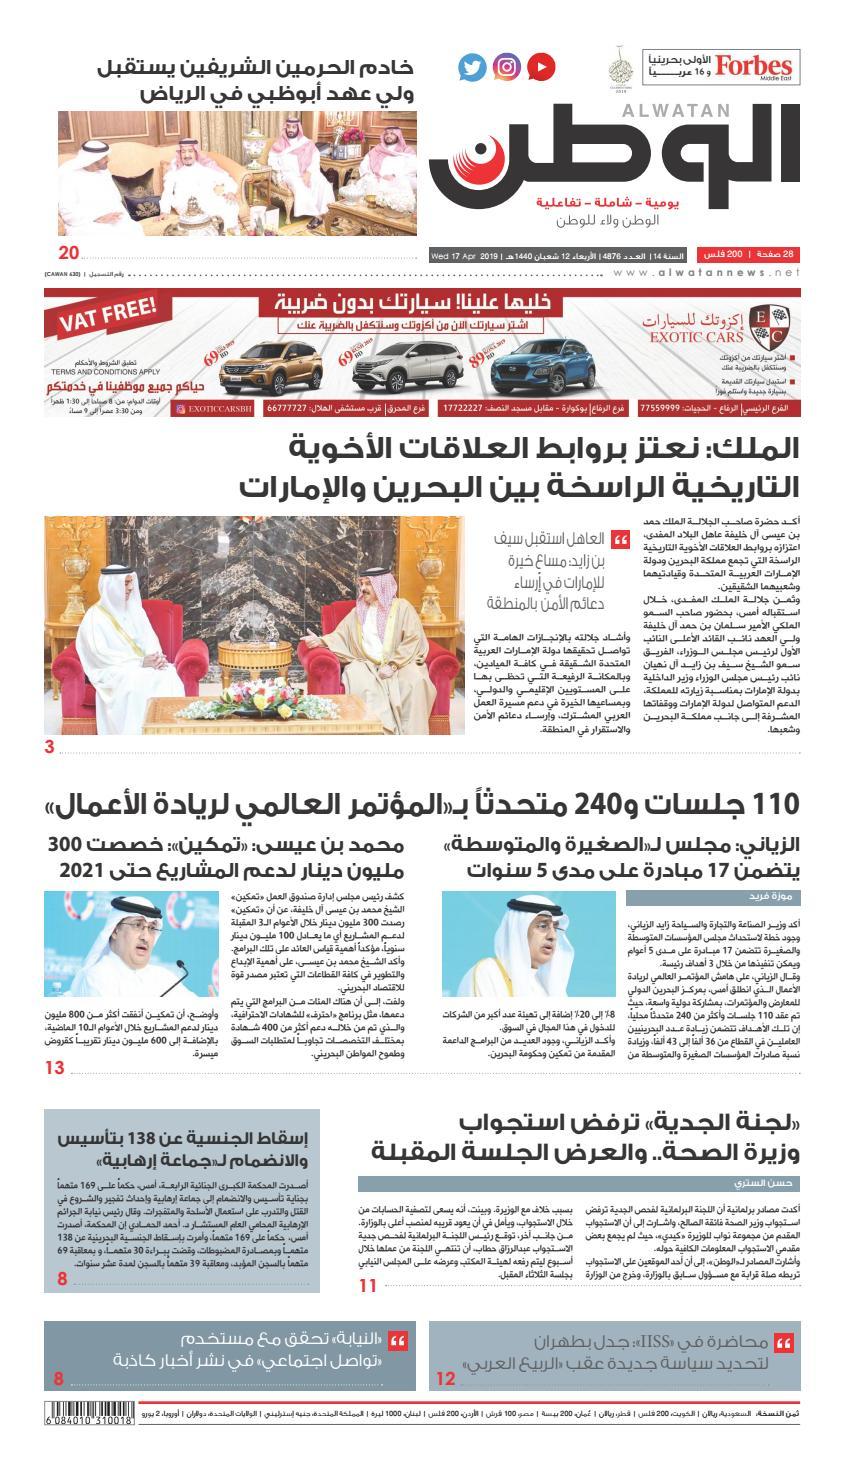 290b7d5a7 Alwatan 17 APR 2019 by Alwatan_BH - issuu